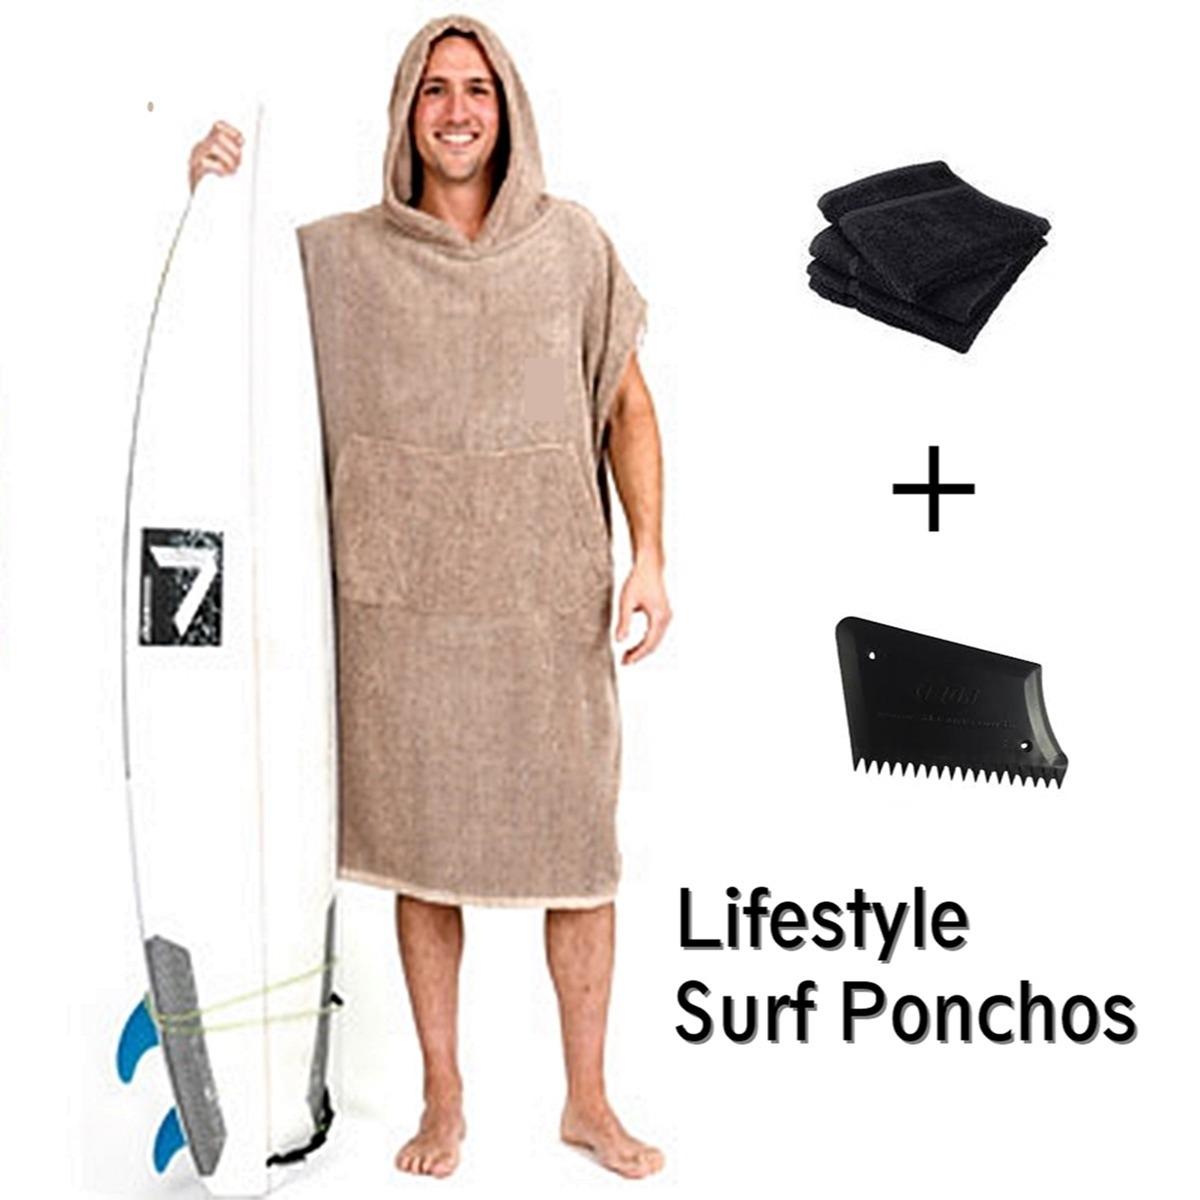 26406e358f1 poncho de surf roupão (tecido atoalhado) super promoção. Carregando zoom.